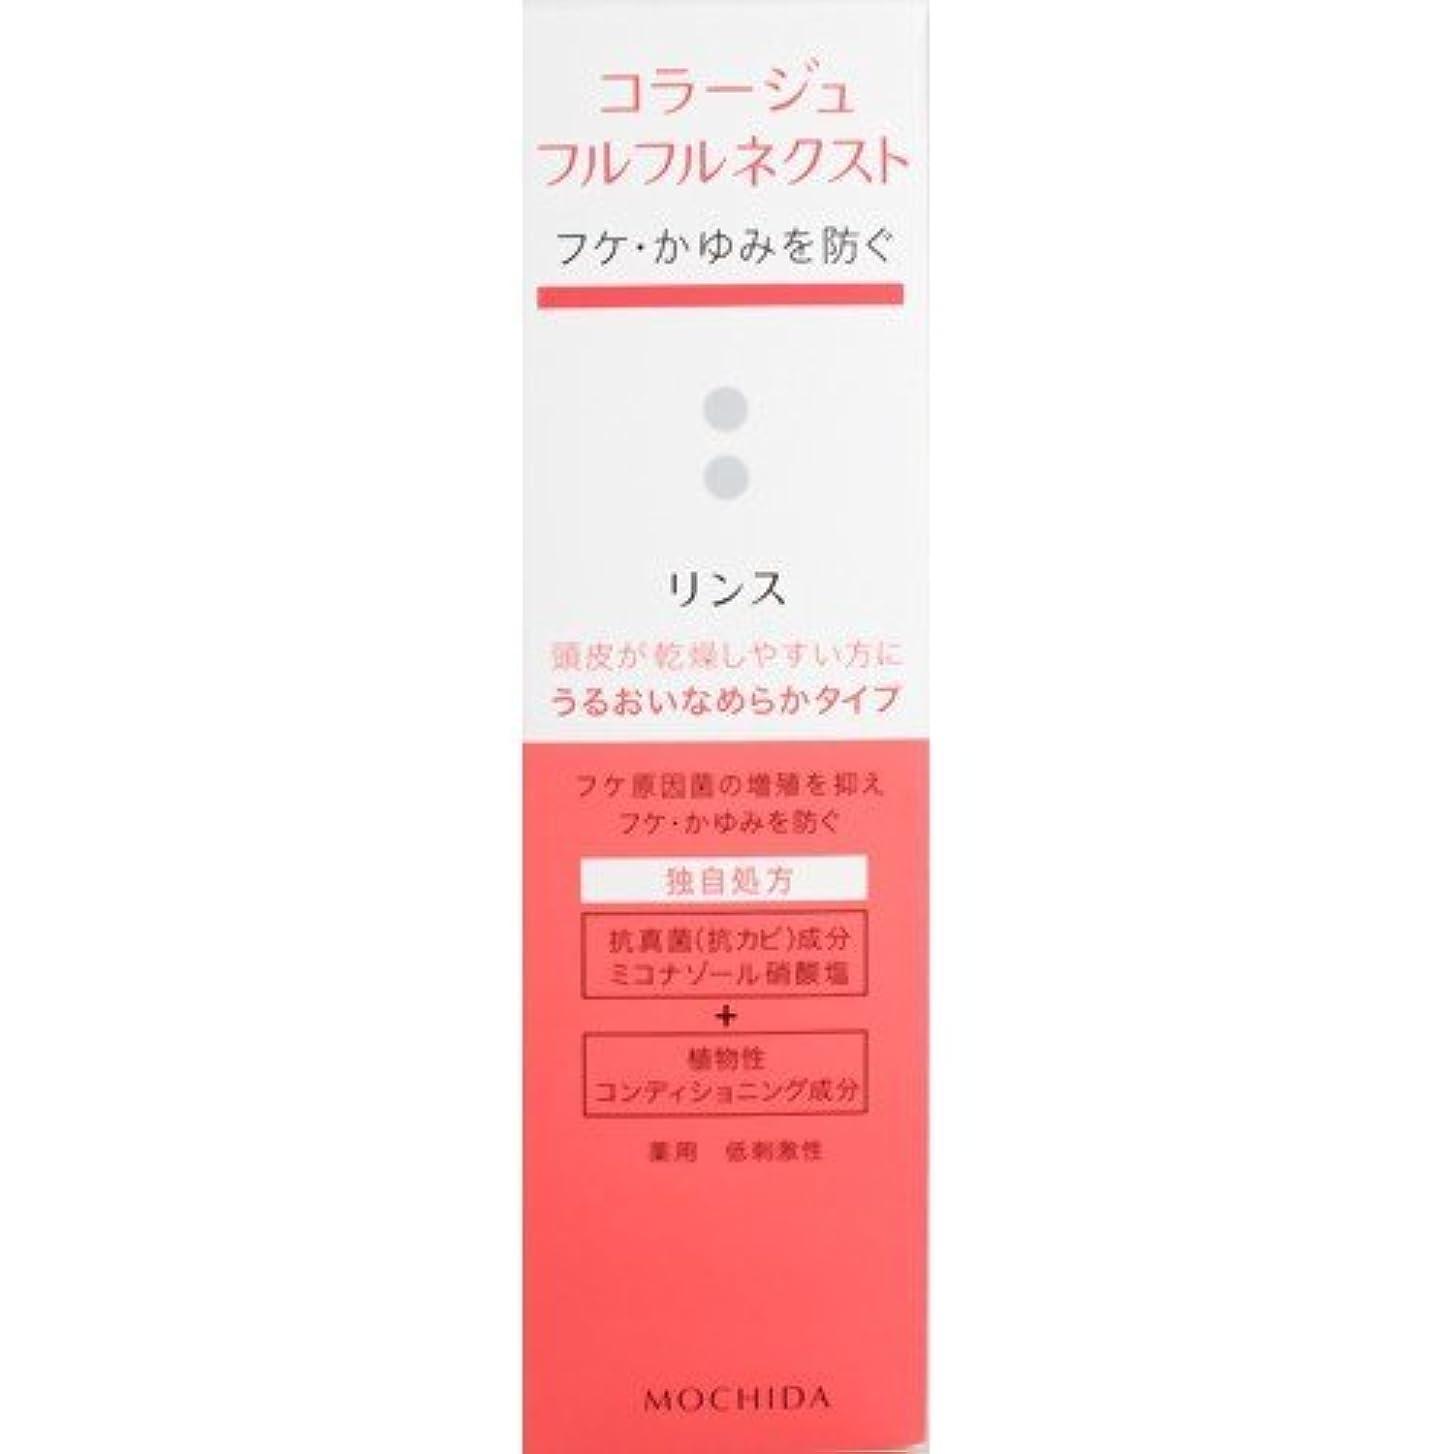 【持田ヘルスケア】コラージュ フルフルネクスト リンス うるおいなめらかタイプ 200ml ×20個セット